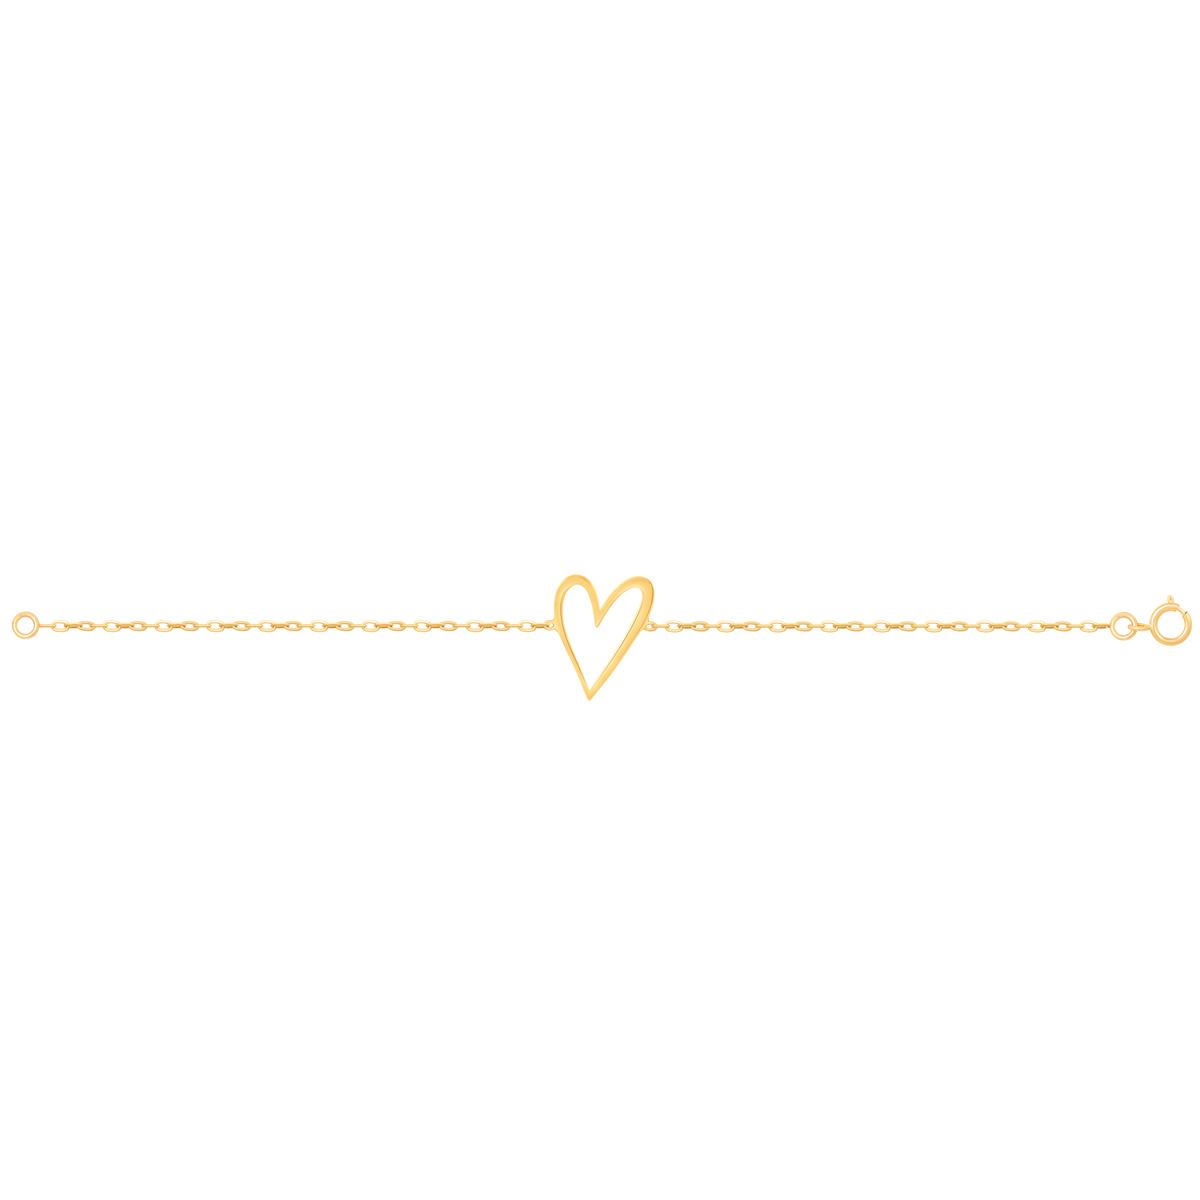 دستبند طلا قلب توخالی